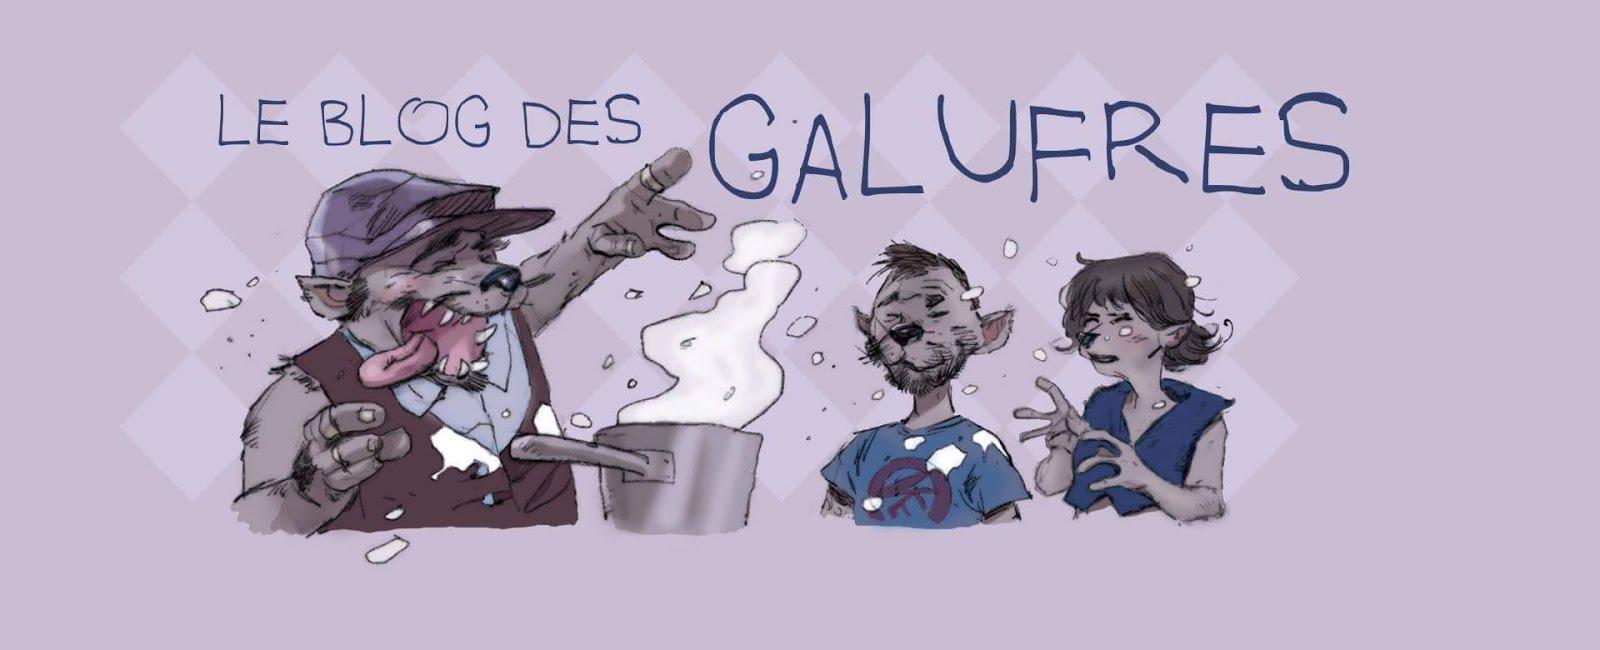 Le blog des Galufres